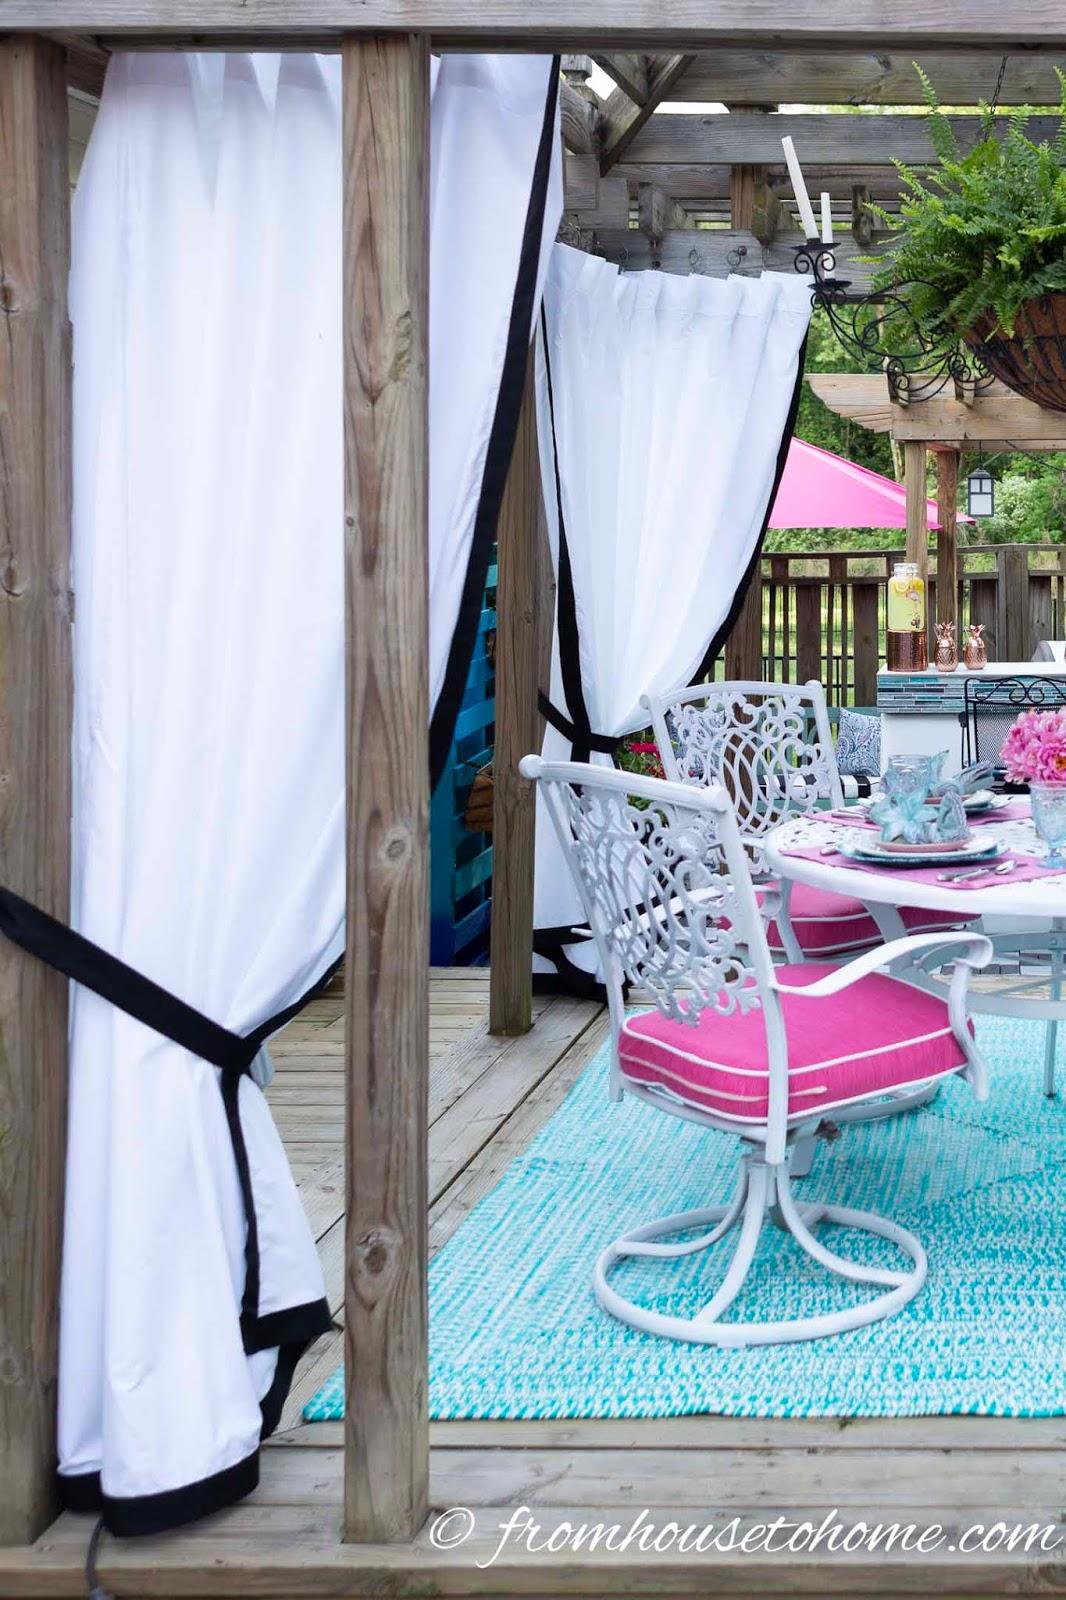 DIY outdoor drapes using sheets